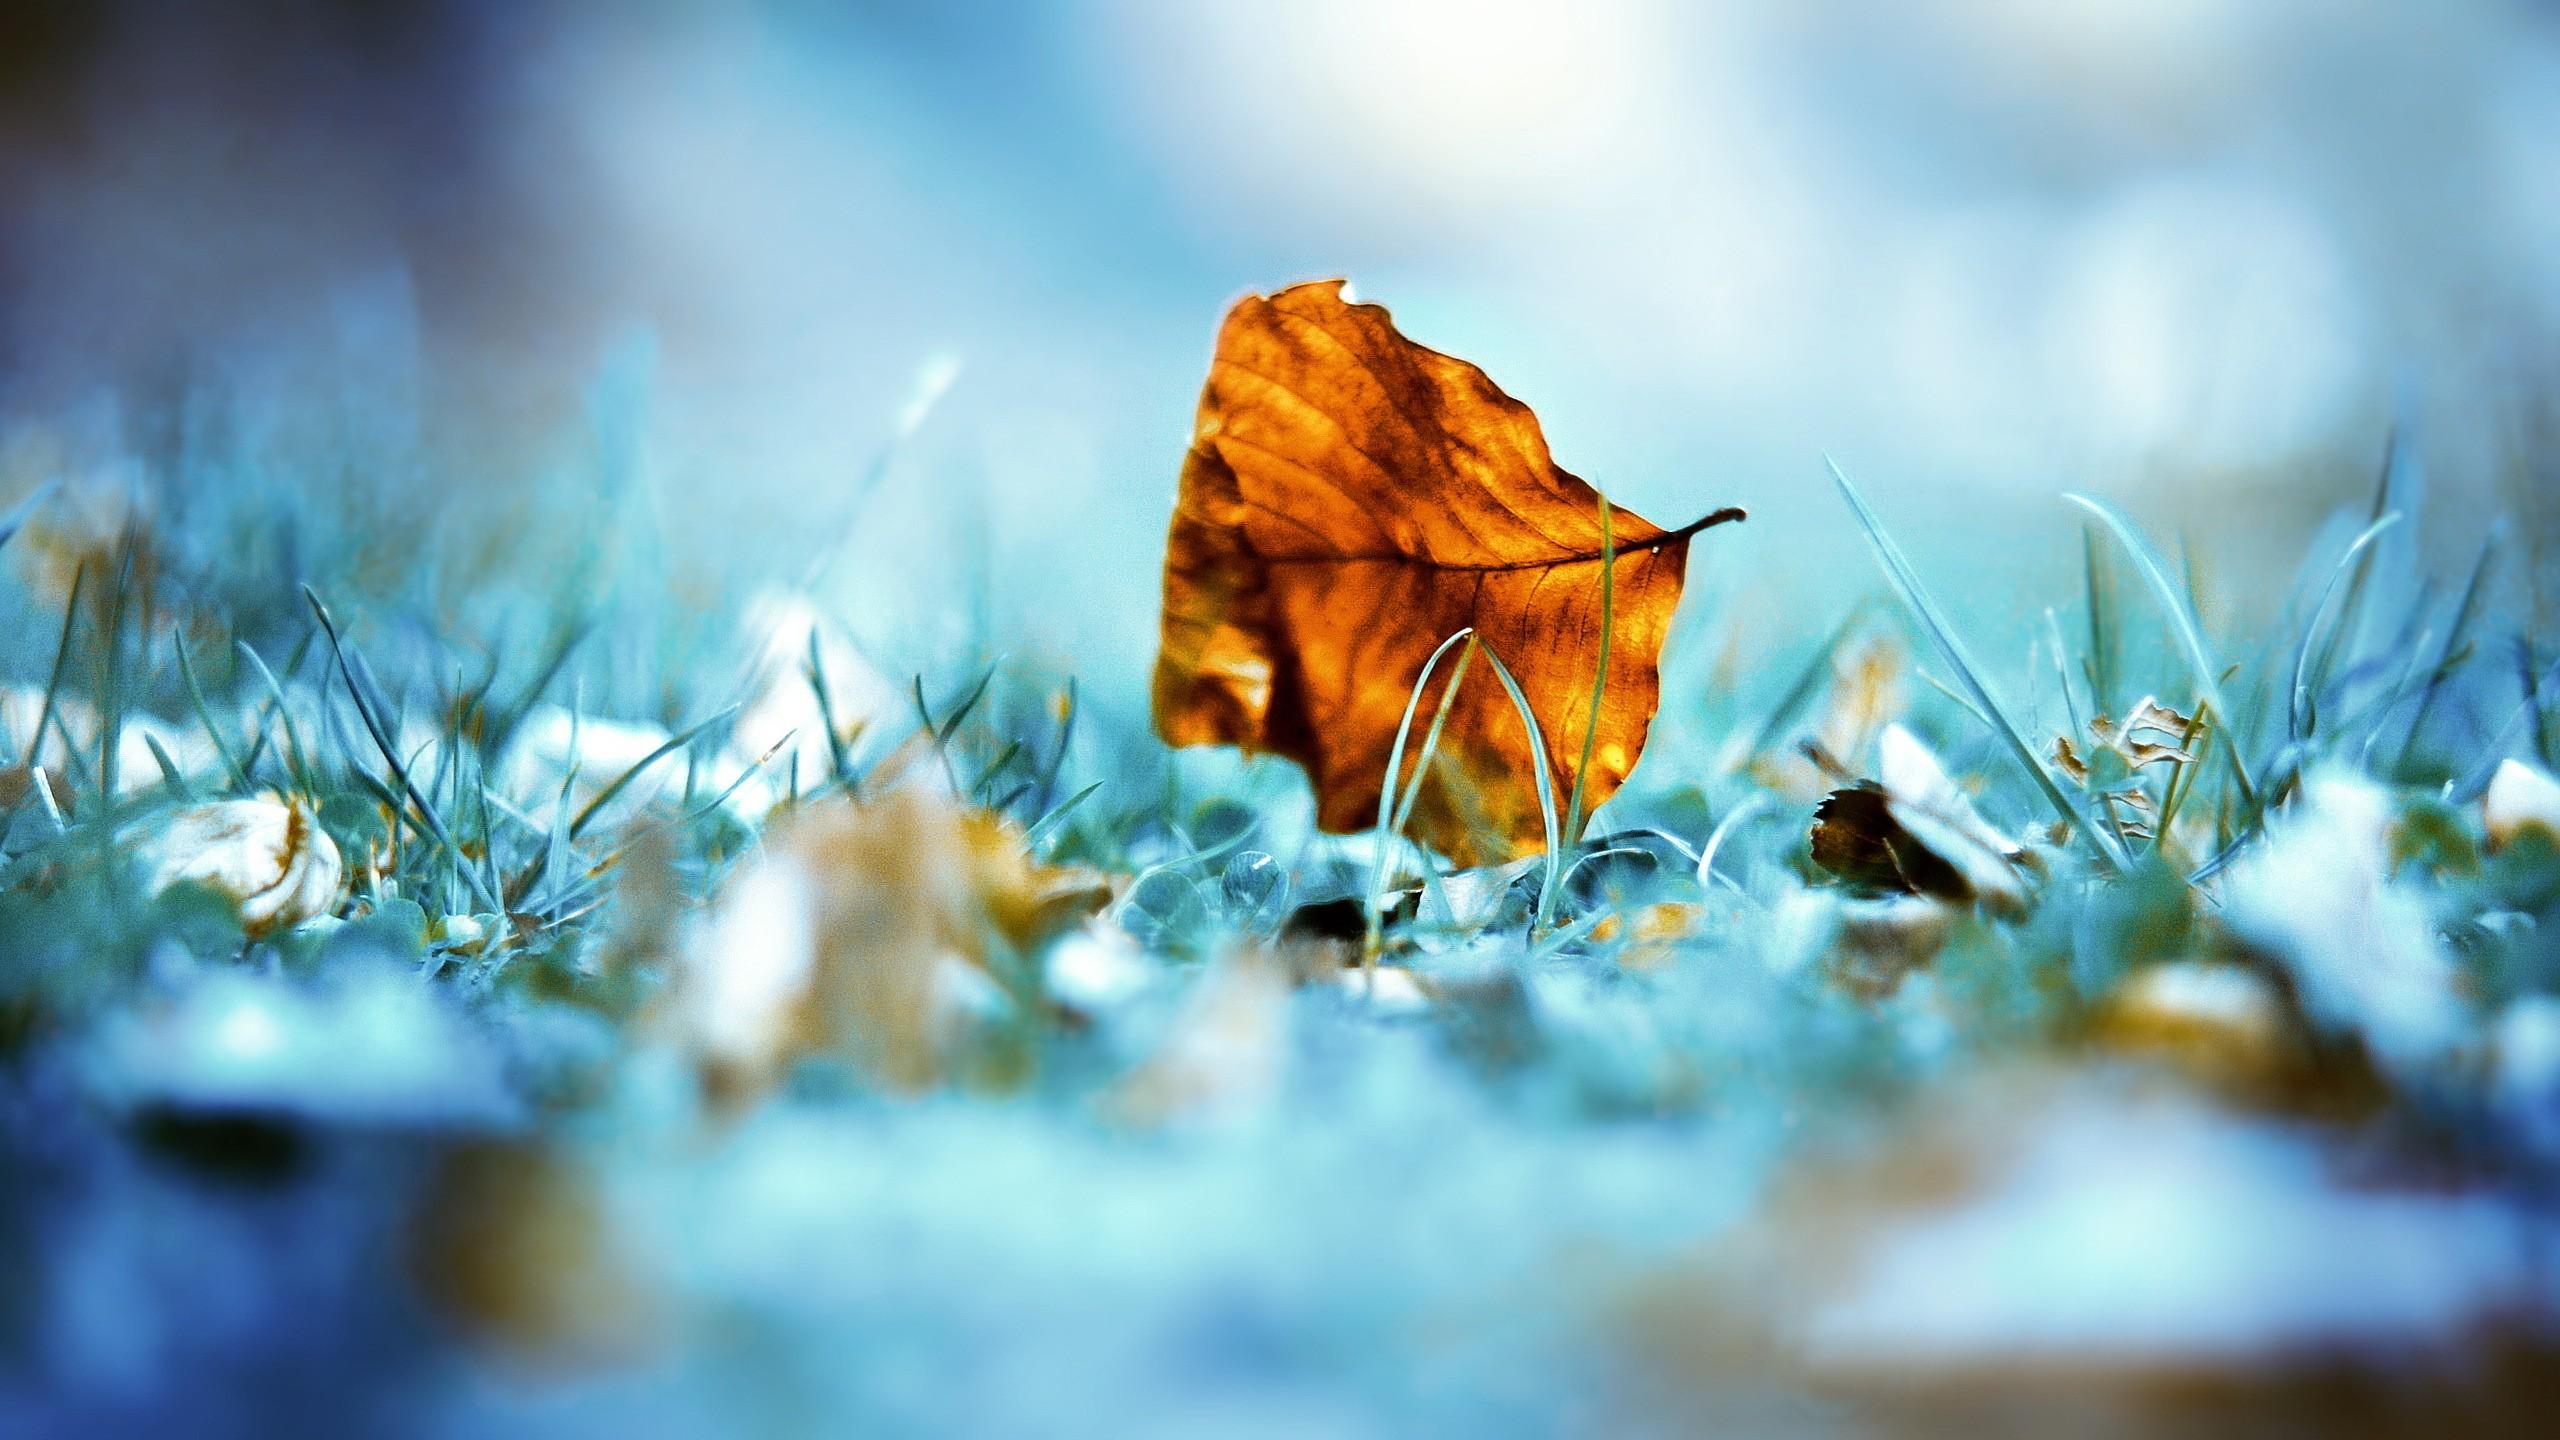 природа лист осень  № 543370 загрузить